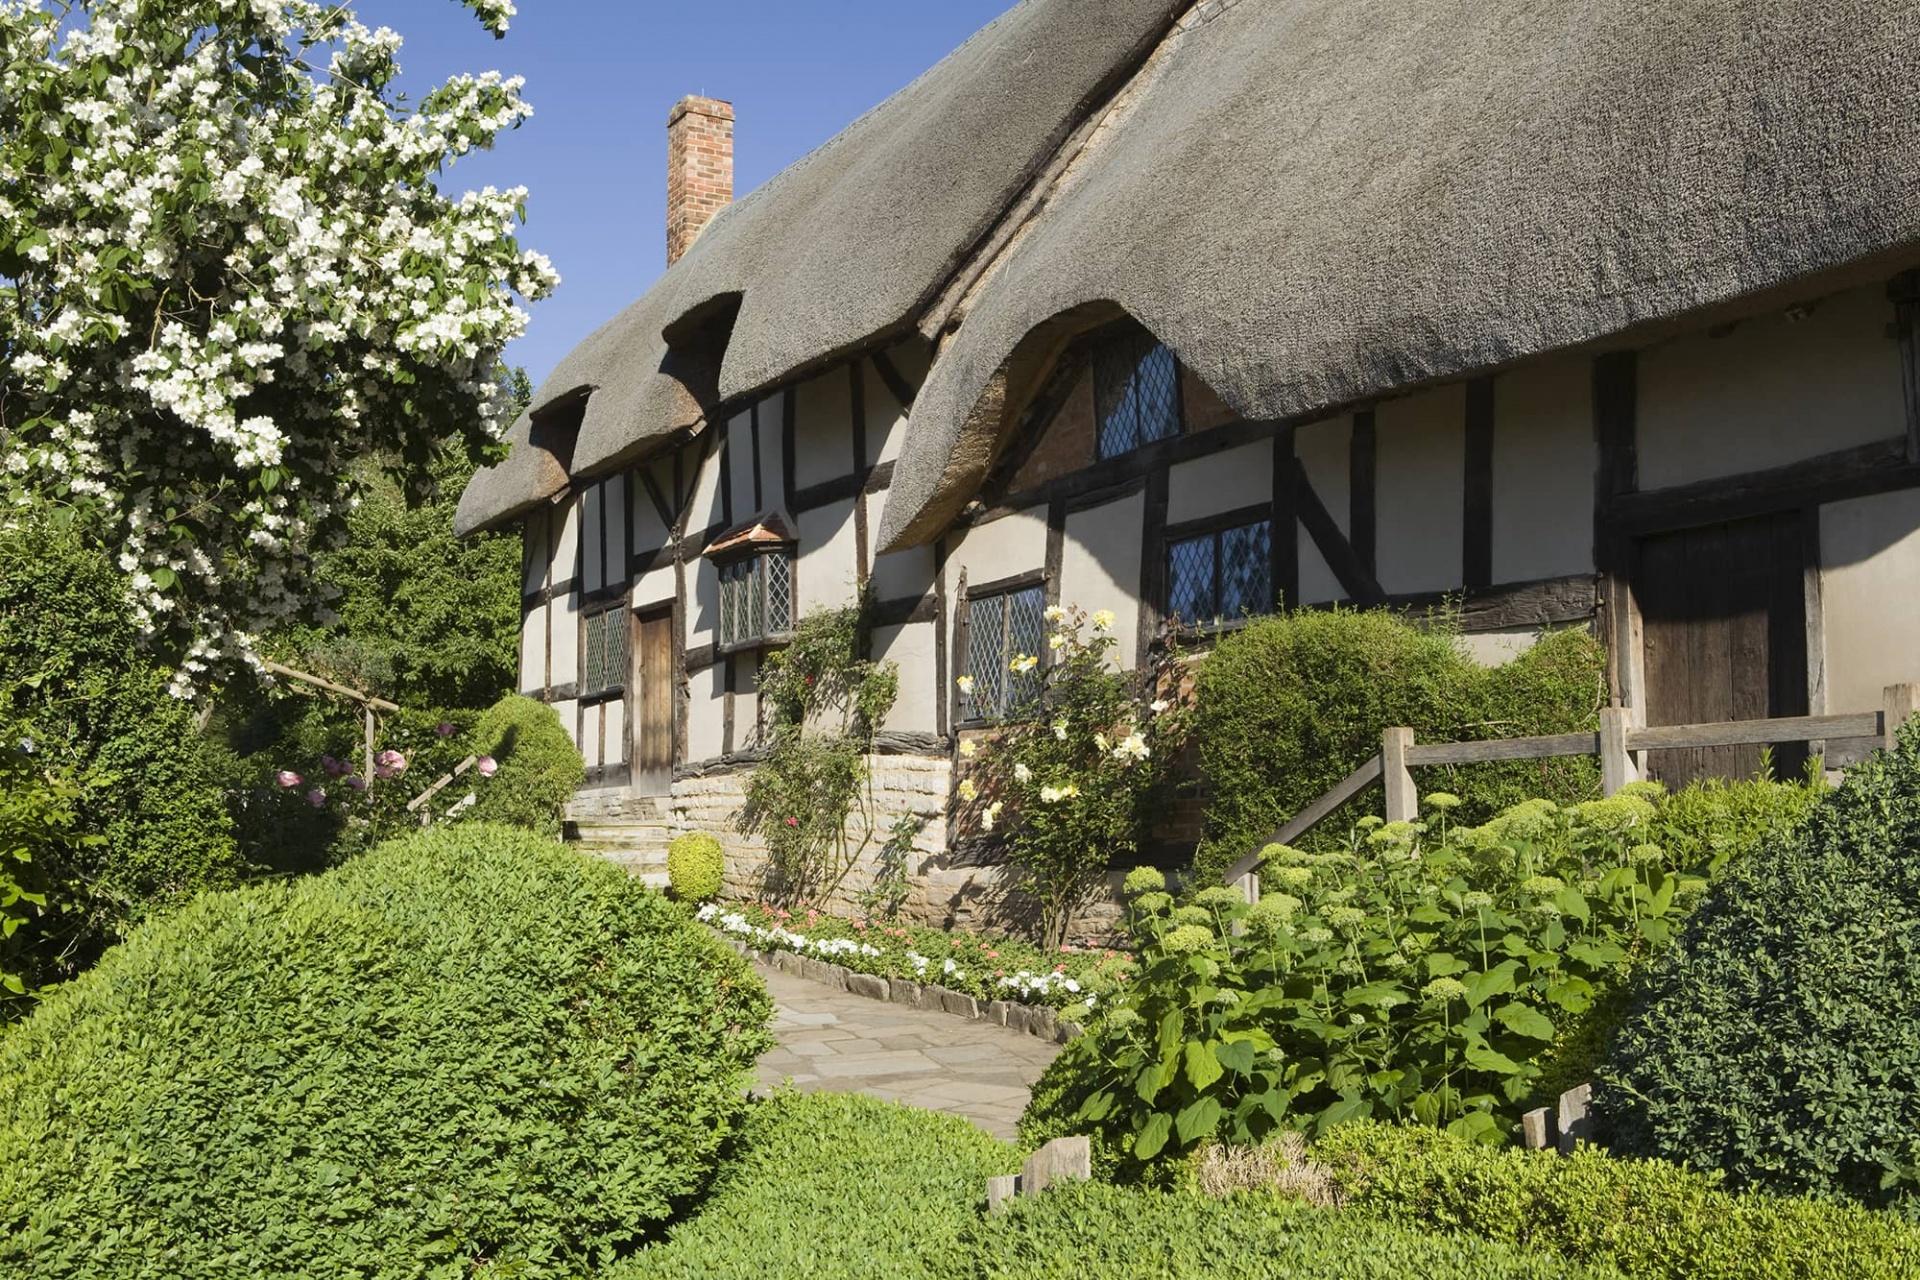 Anne Hathaway cottage, exterior